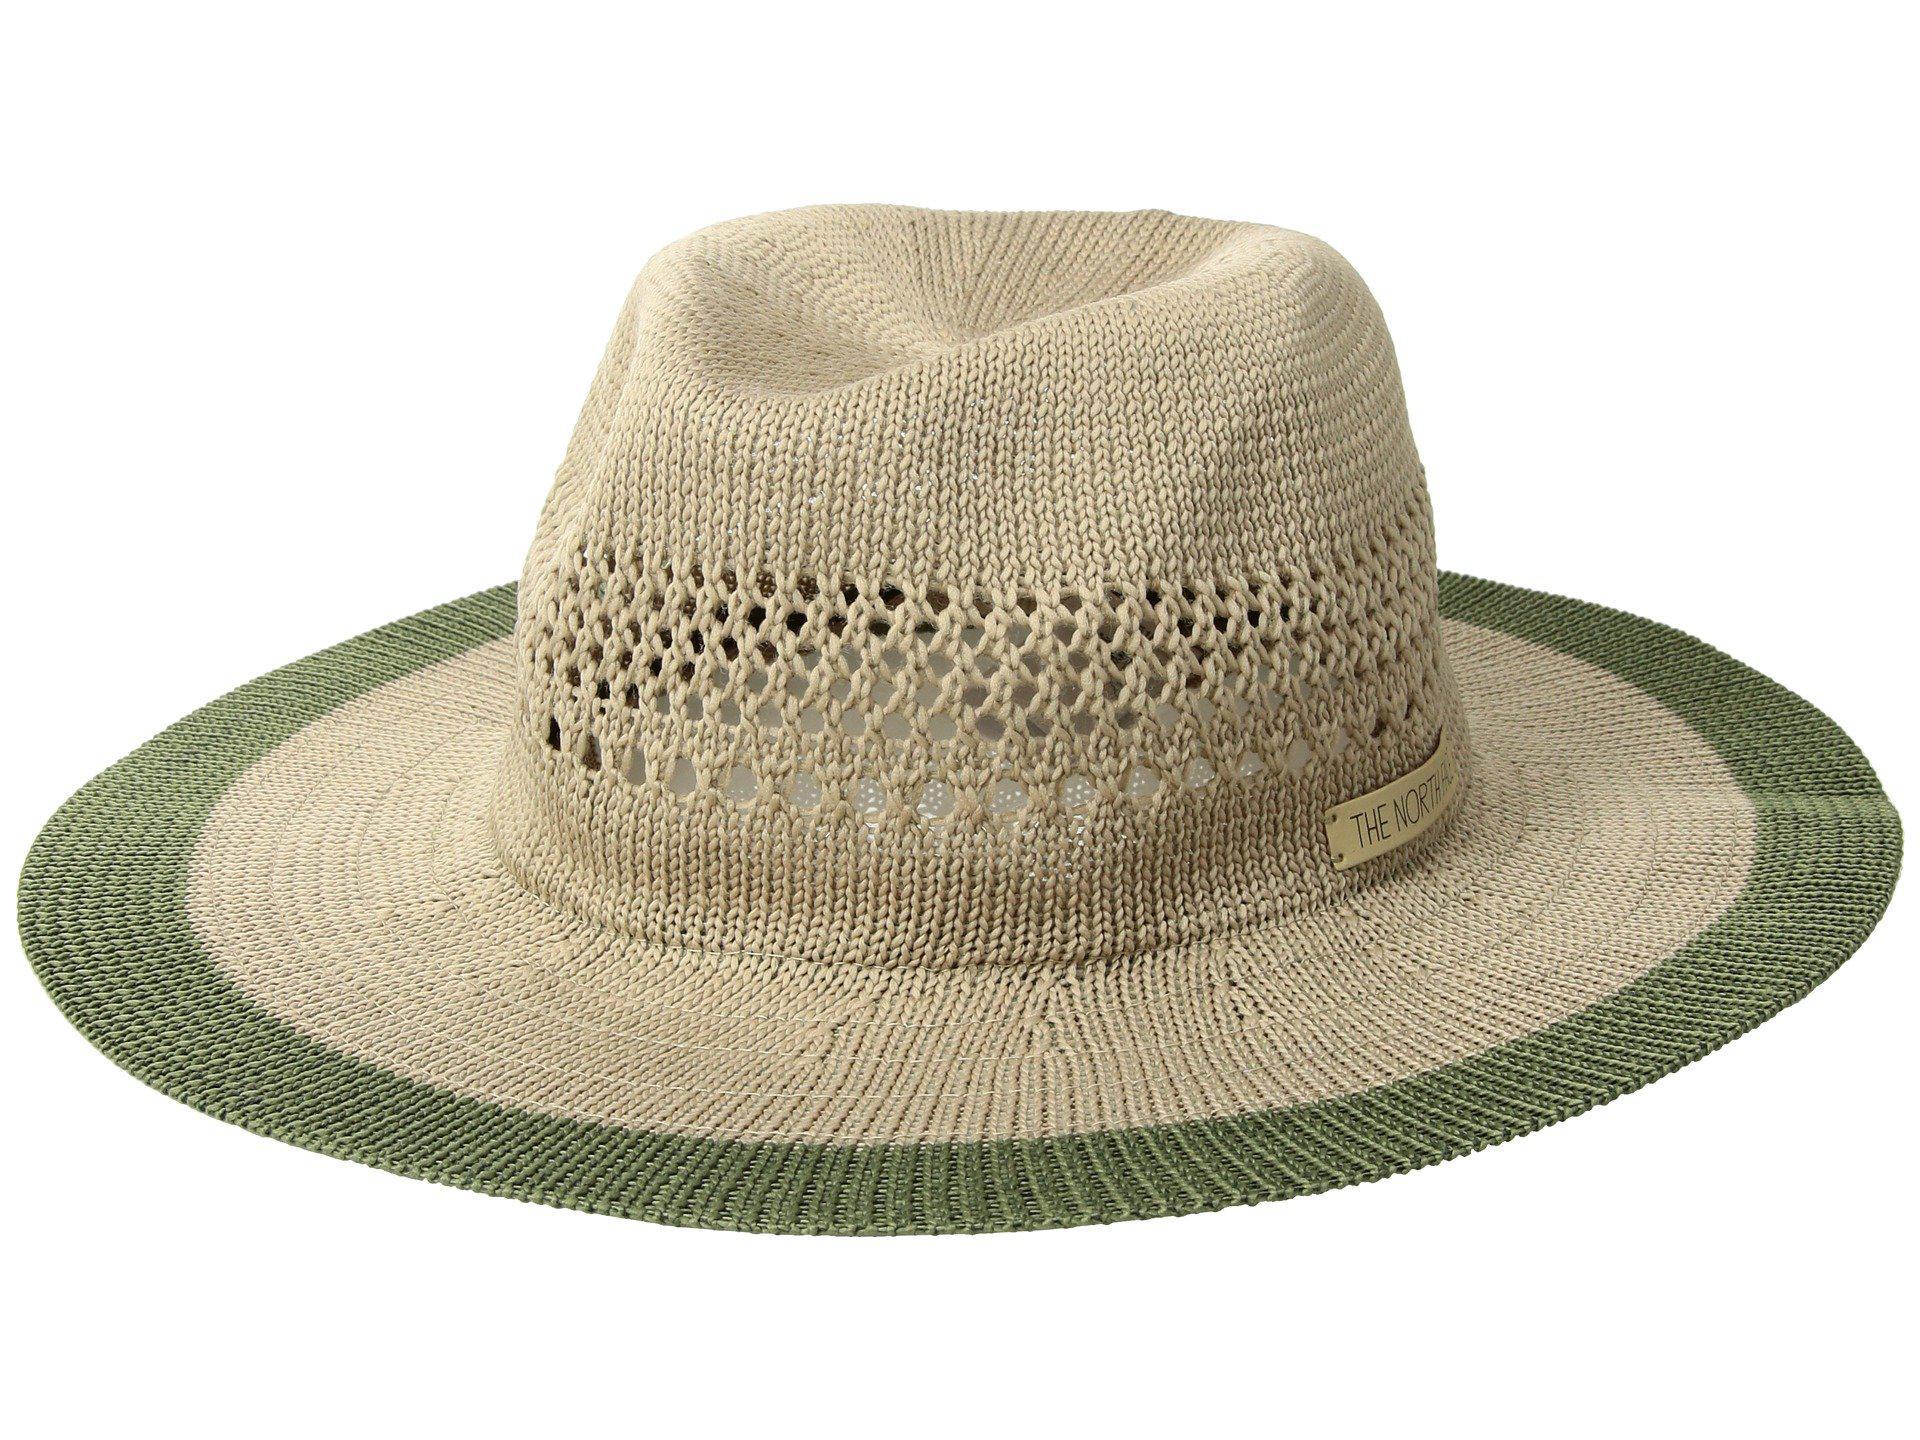 2dd6de7c601 The North Face - Multicolor Packable Panama Hat (kelp Tan four Leaf  Clover). View fullscreen